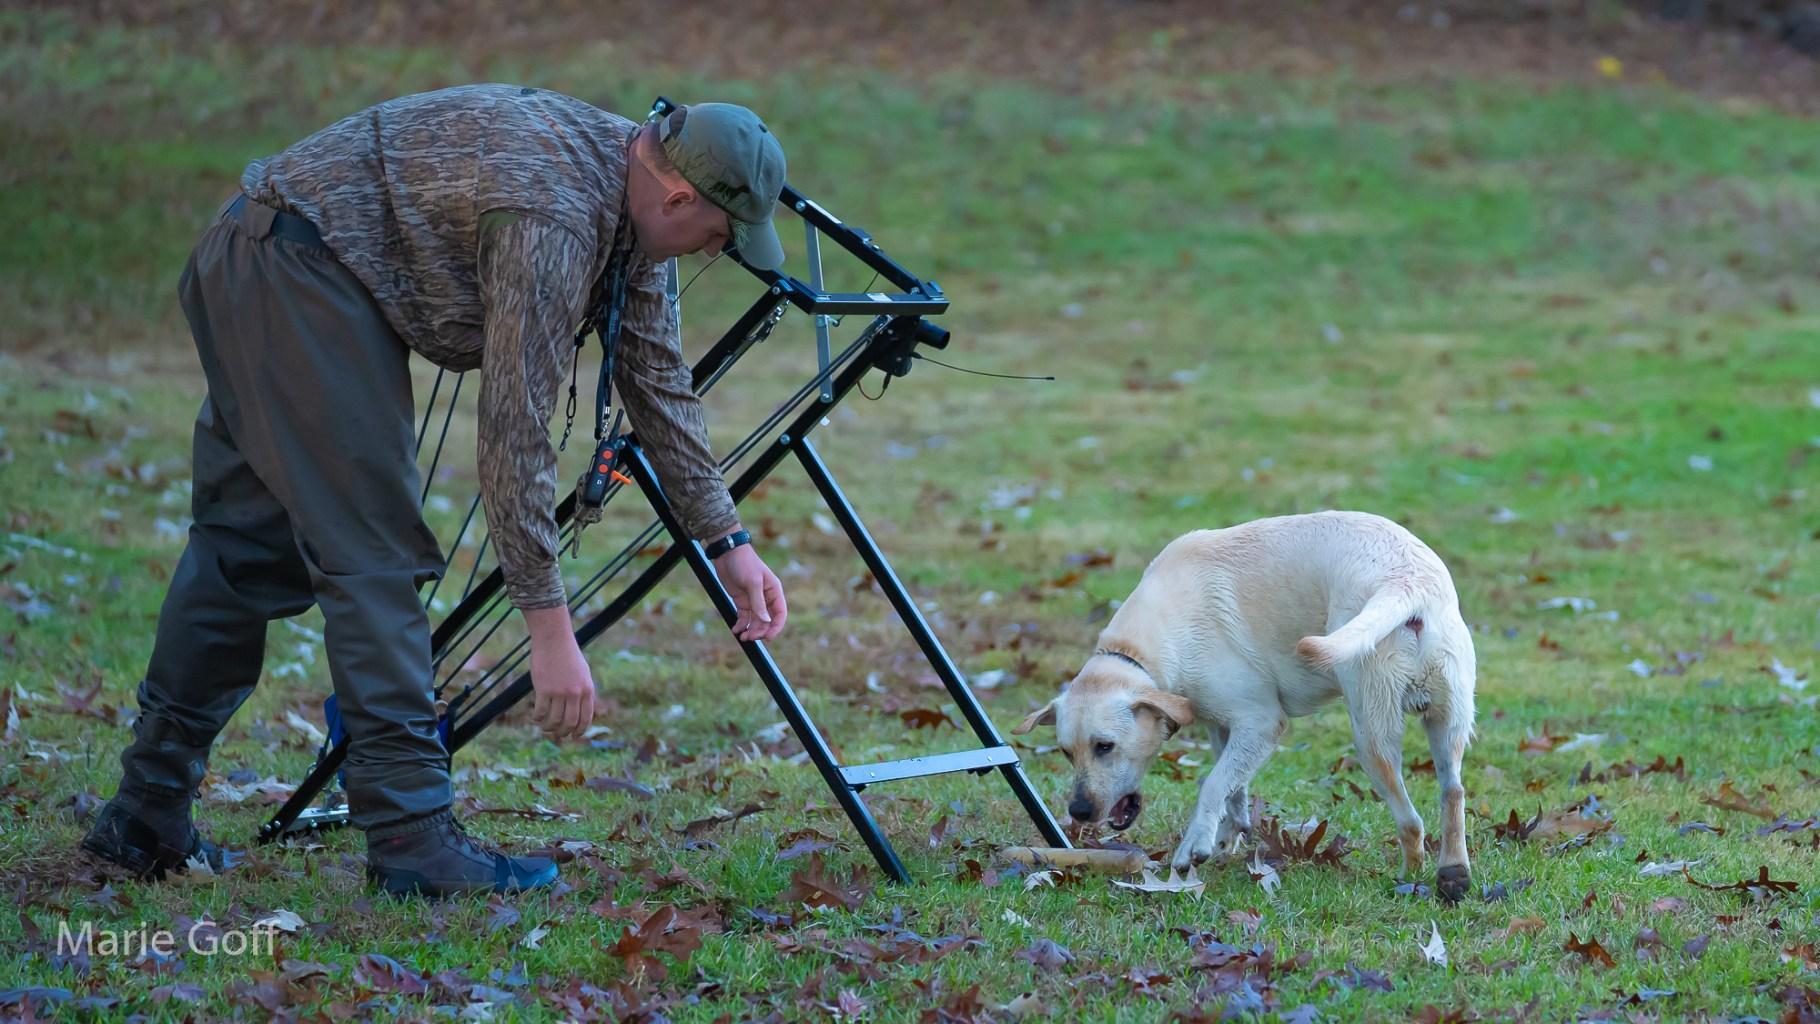 Labrador retriever in training